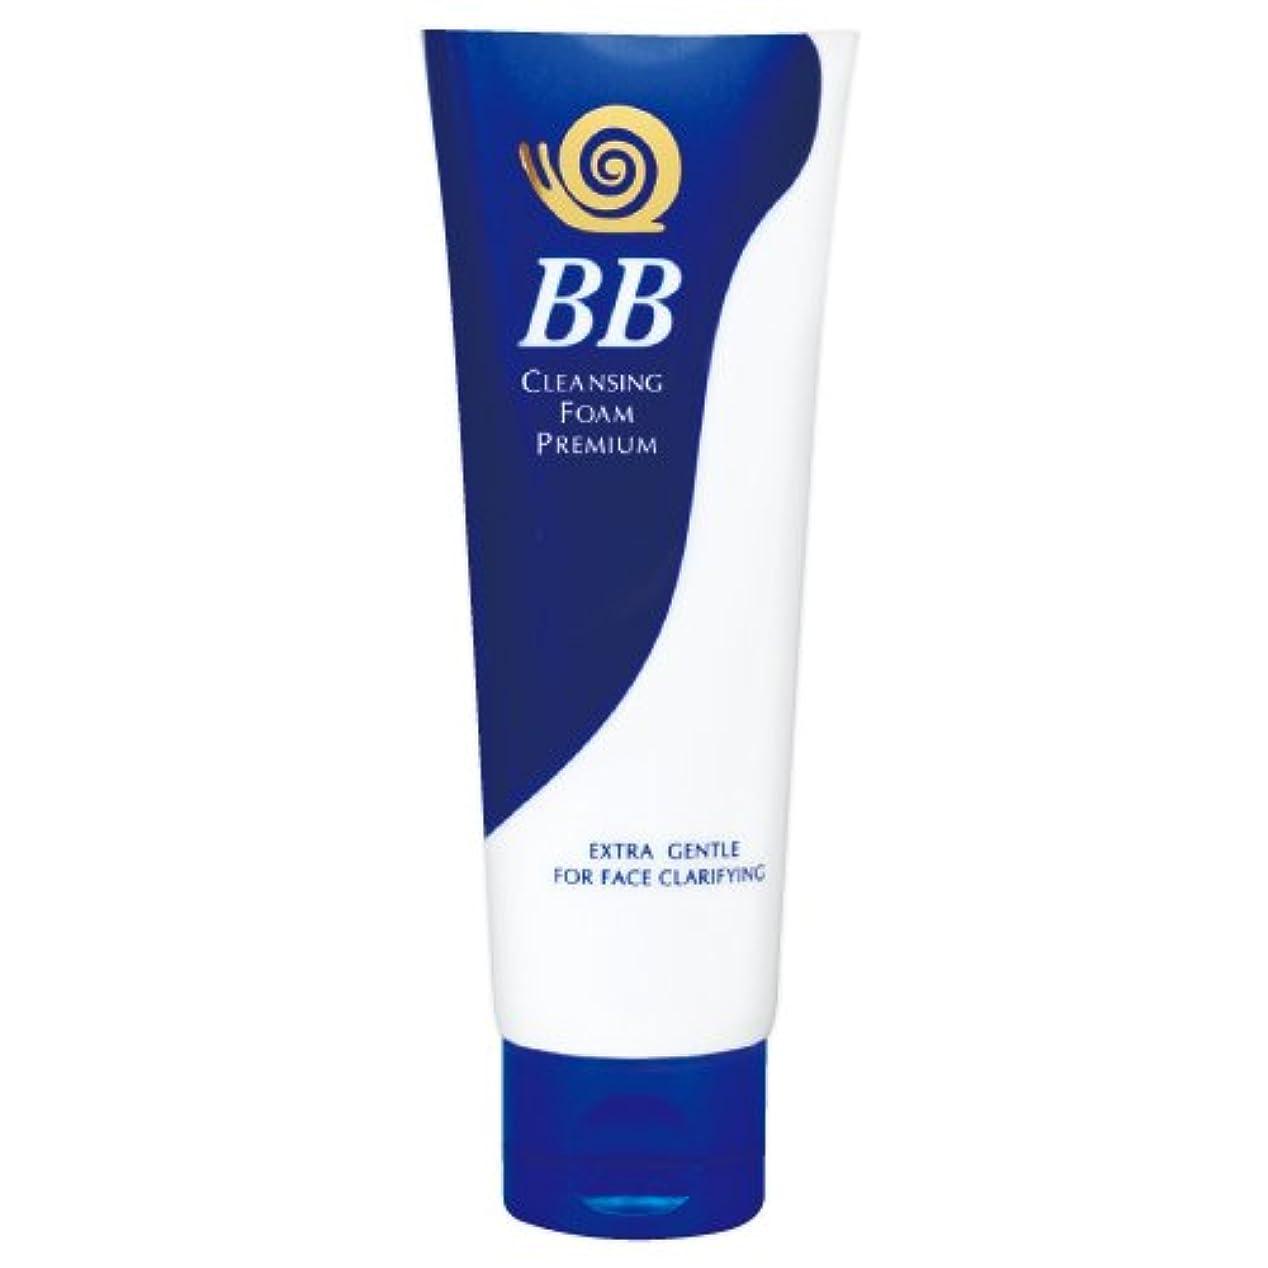 きょうだい暗唱するブレーキB&S 極上 かたつむり BB 洗顔フォーム (プレミアム) 100g [並行輸入品]